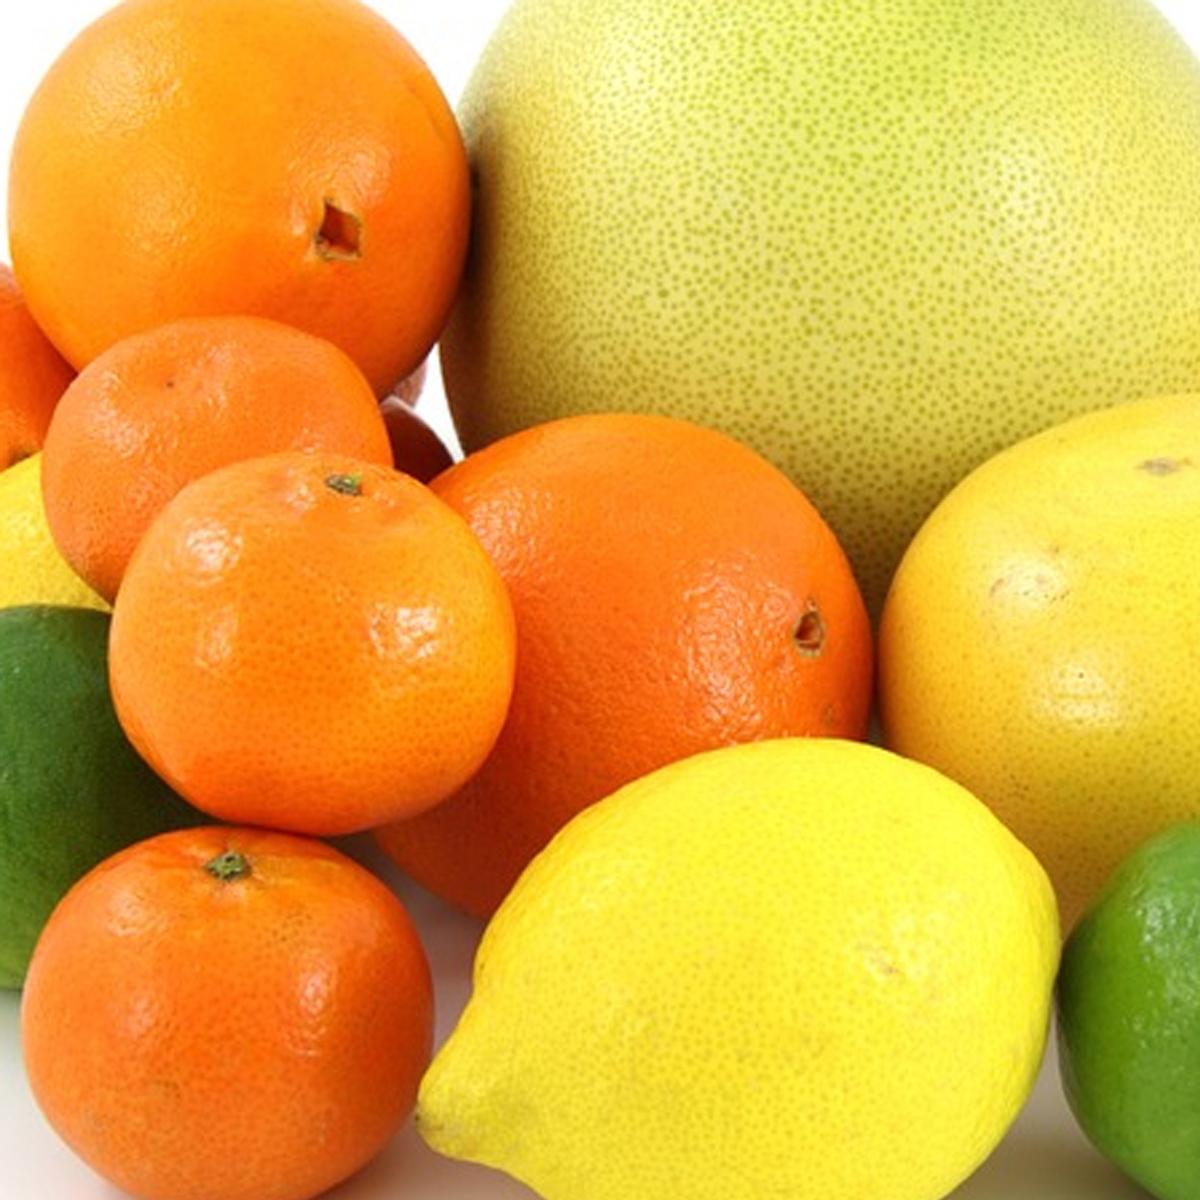 Citrus Bliss:  Yummy tones of orange, lemon and grapefruit fragrances. Uplifting and energizing.